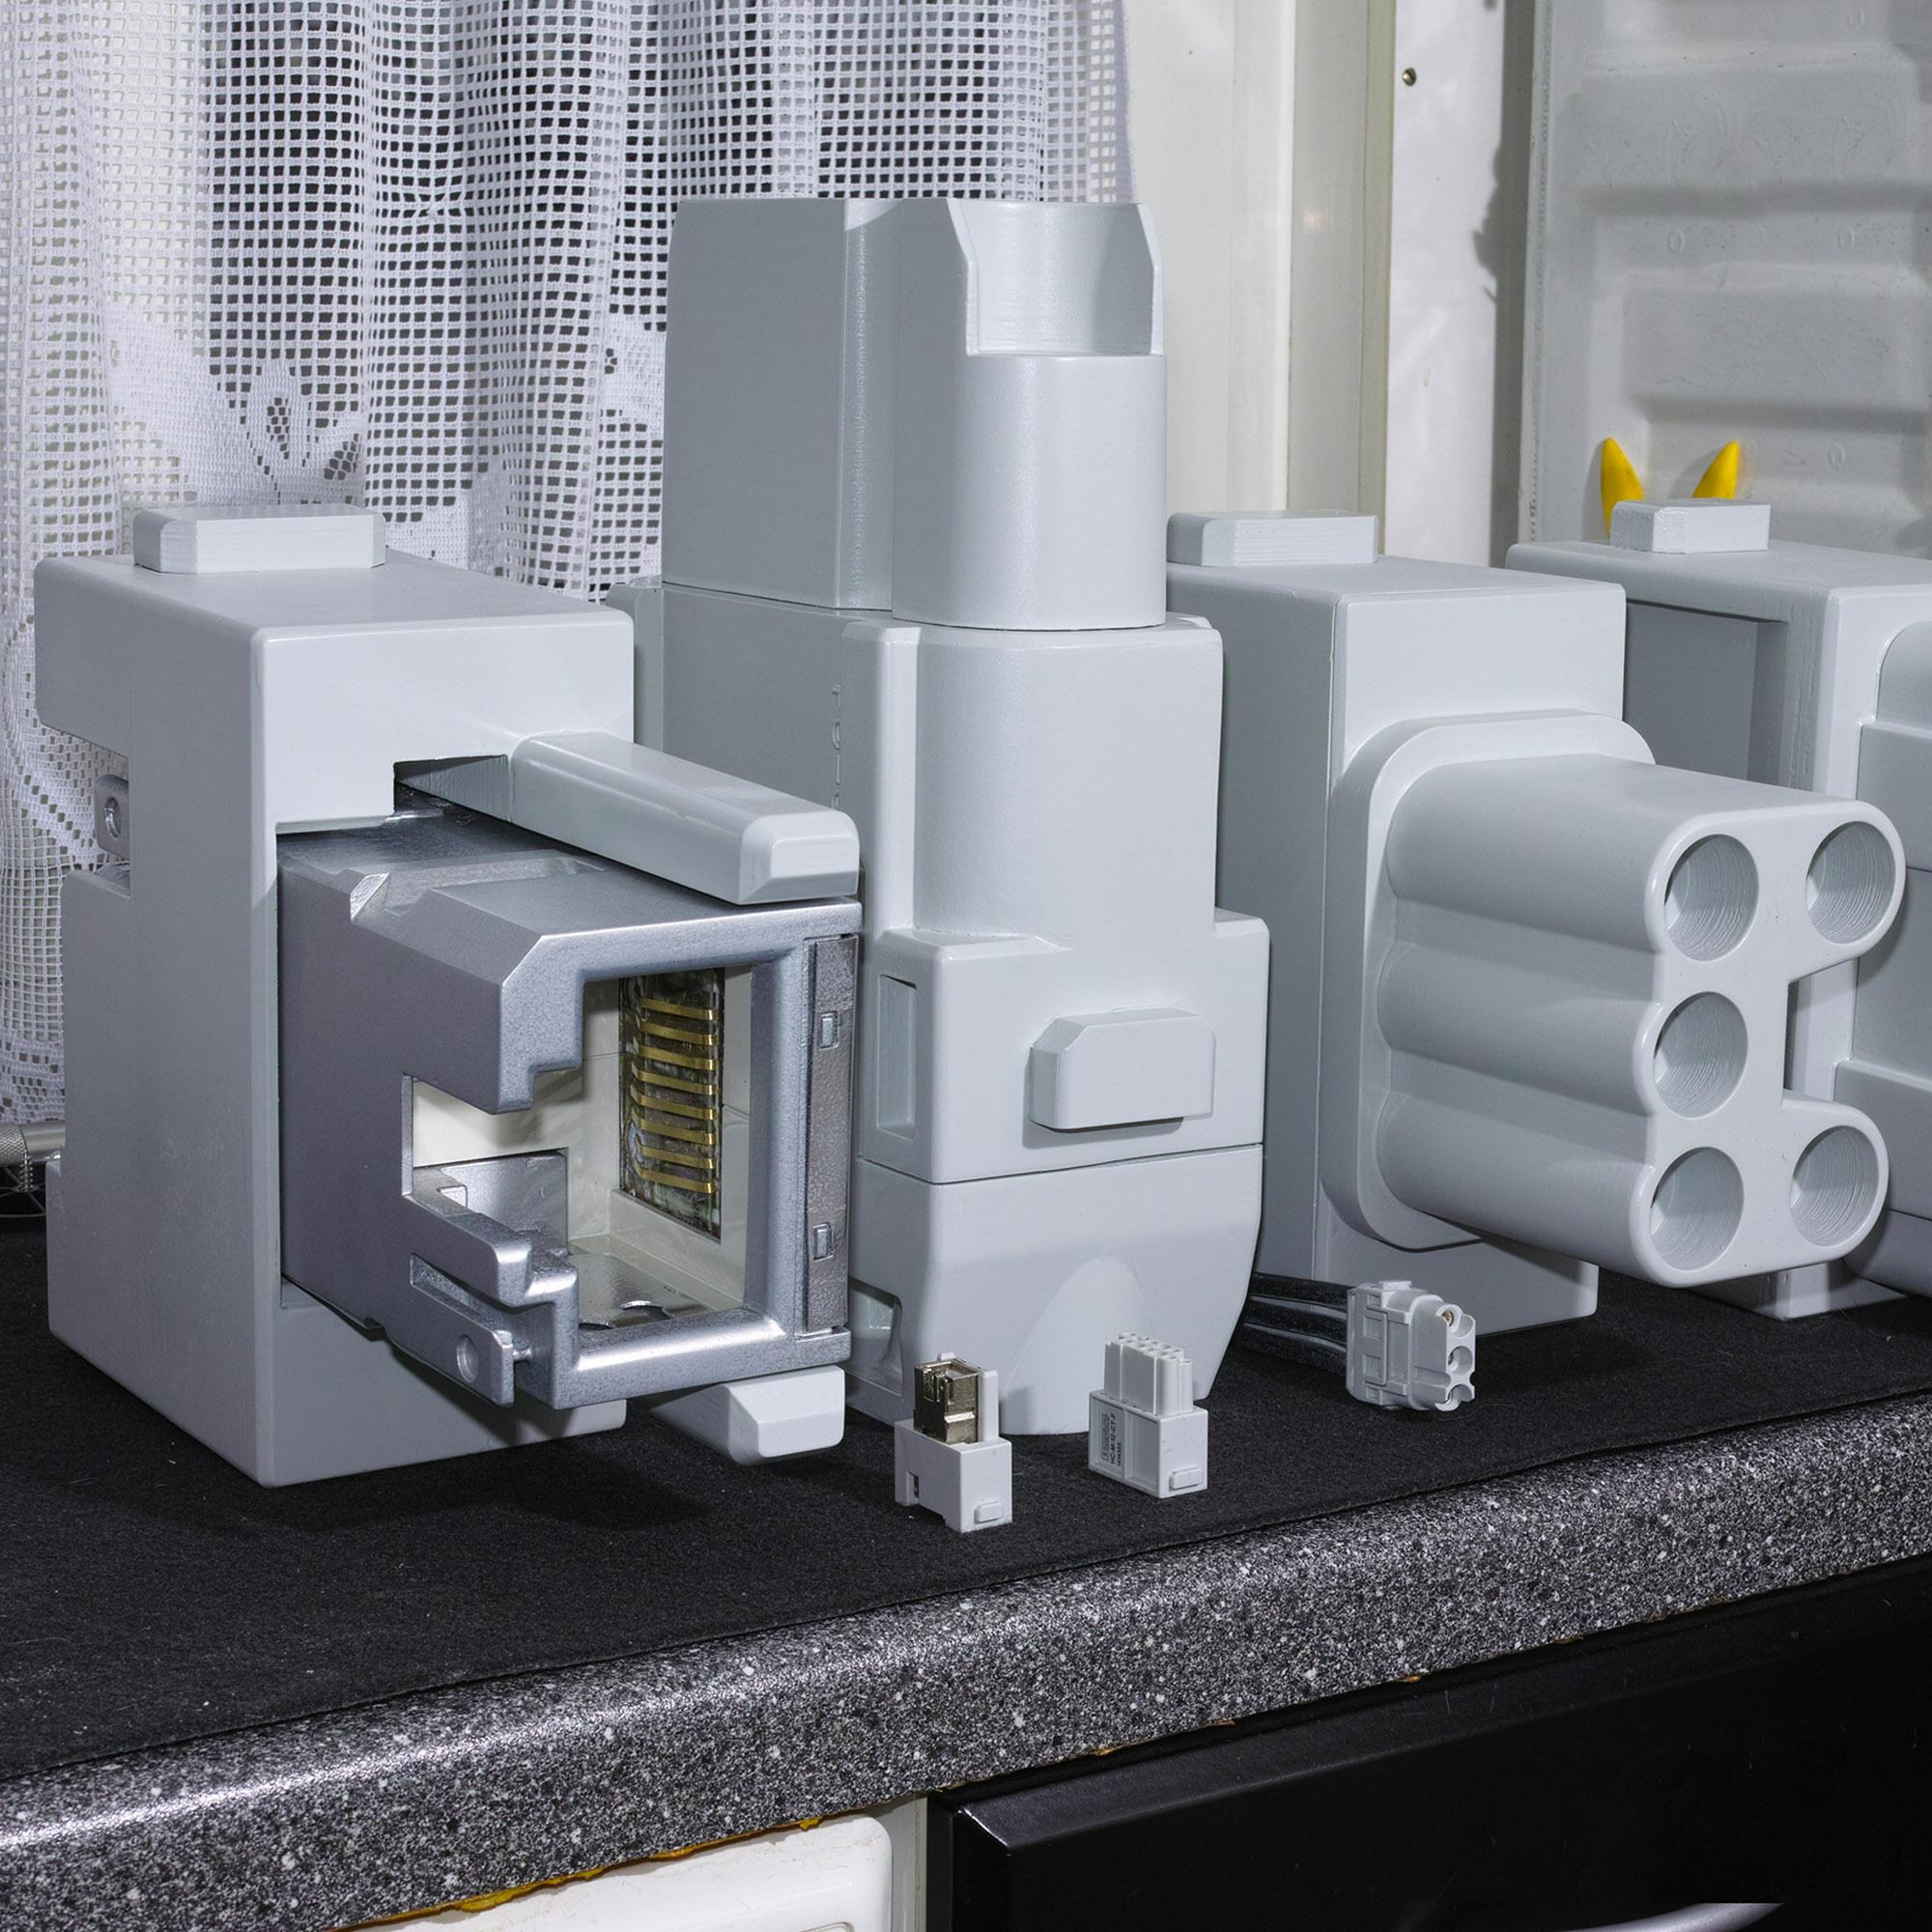 Steckermodelle vergrößert (Originale im Vordergrund)